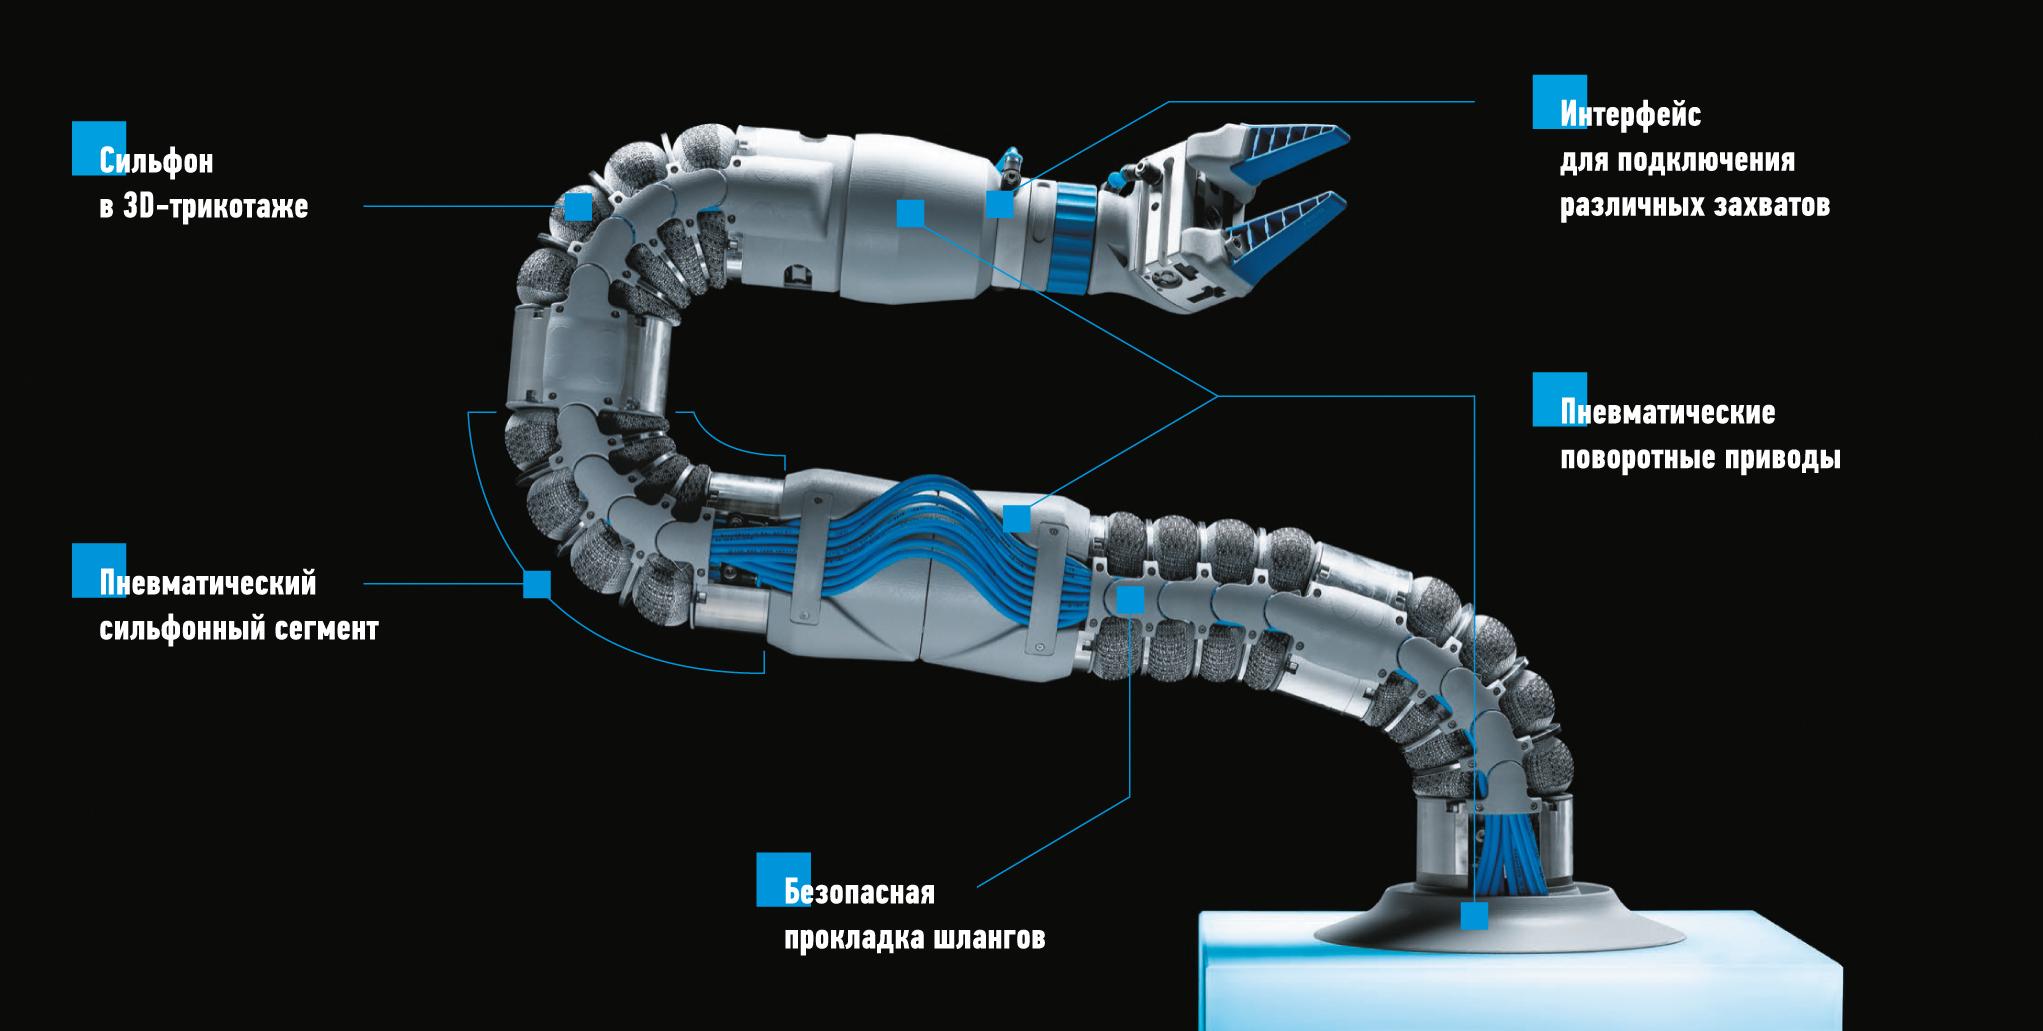 Бионическое гибкое плечо BionicSoftArm